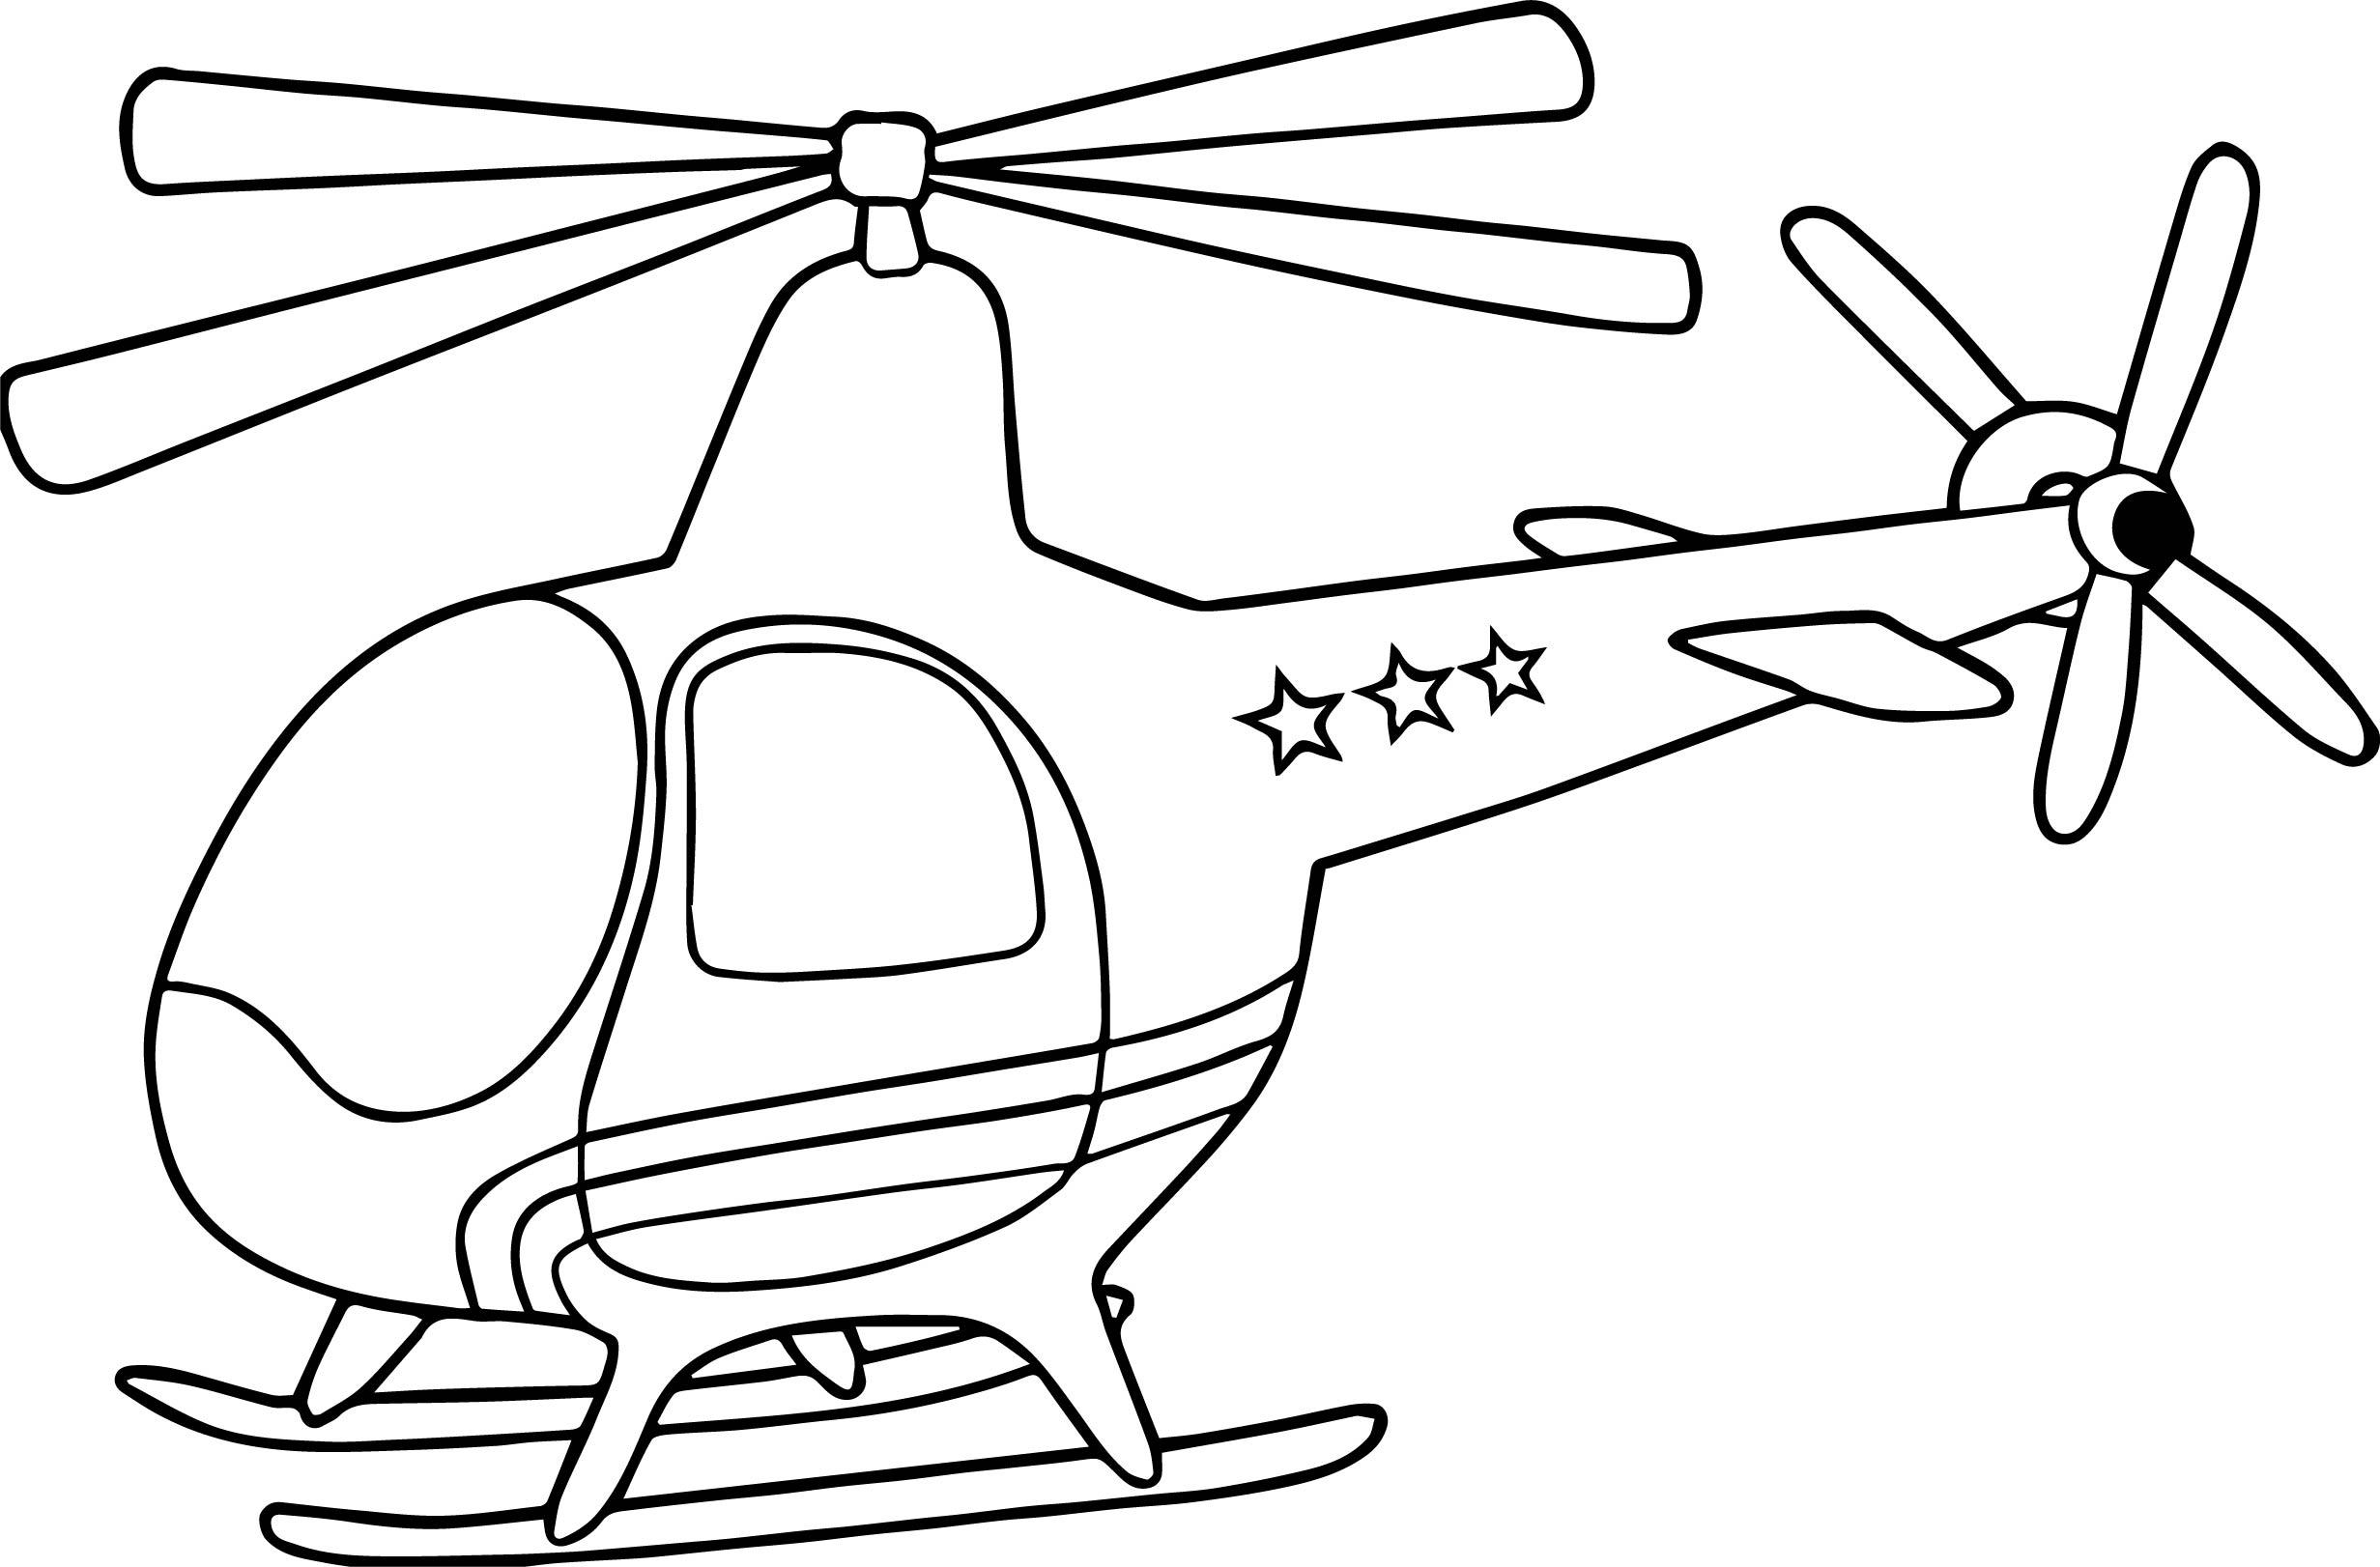 Раскраска трехзвездочный вертолет